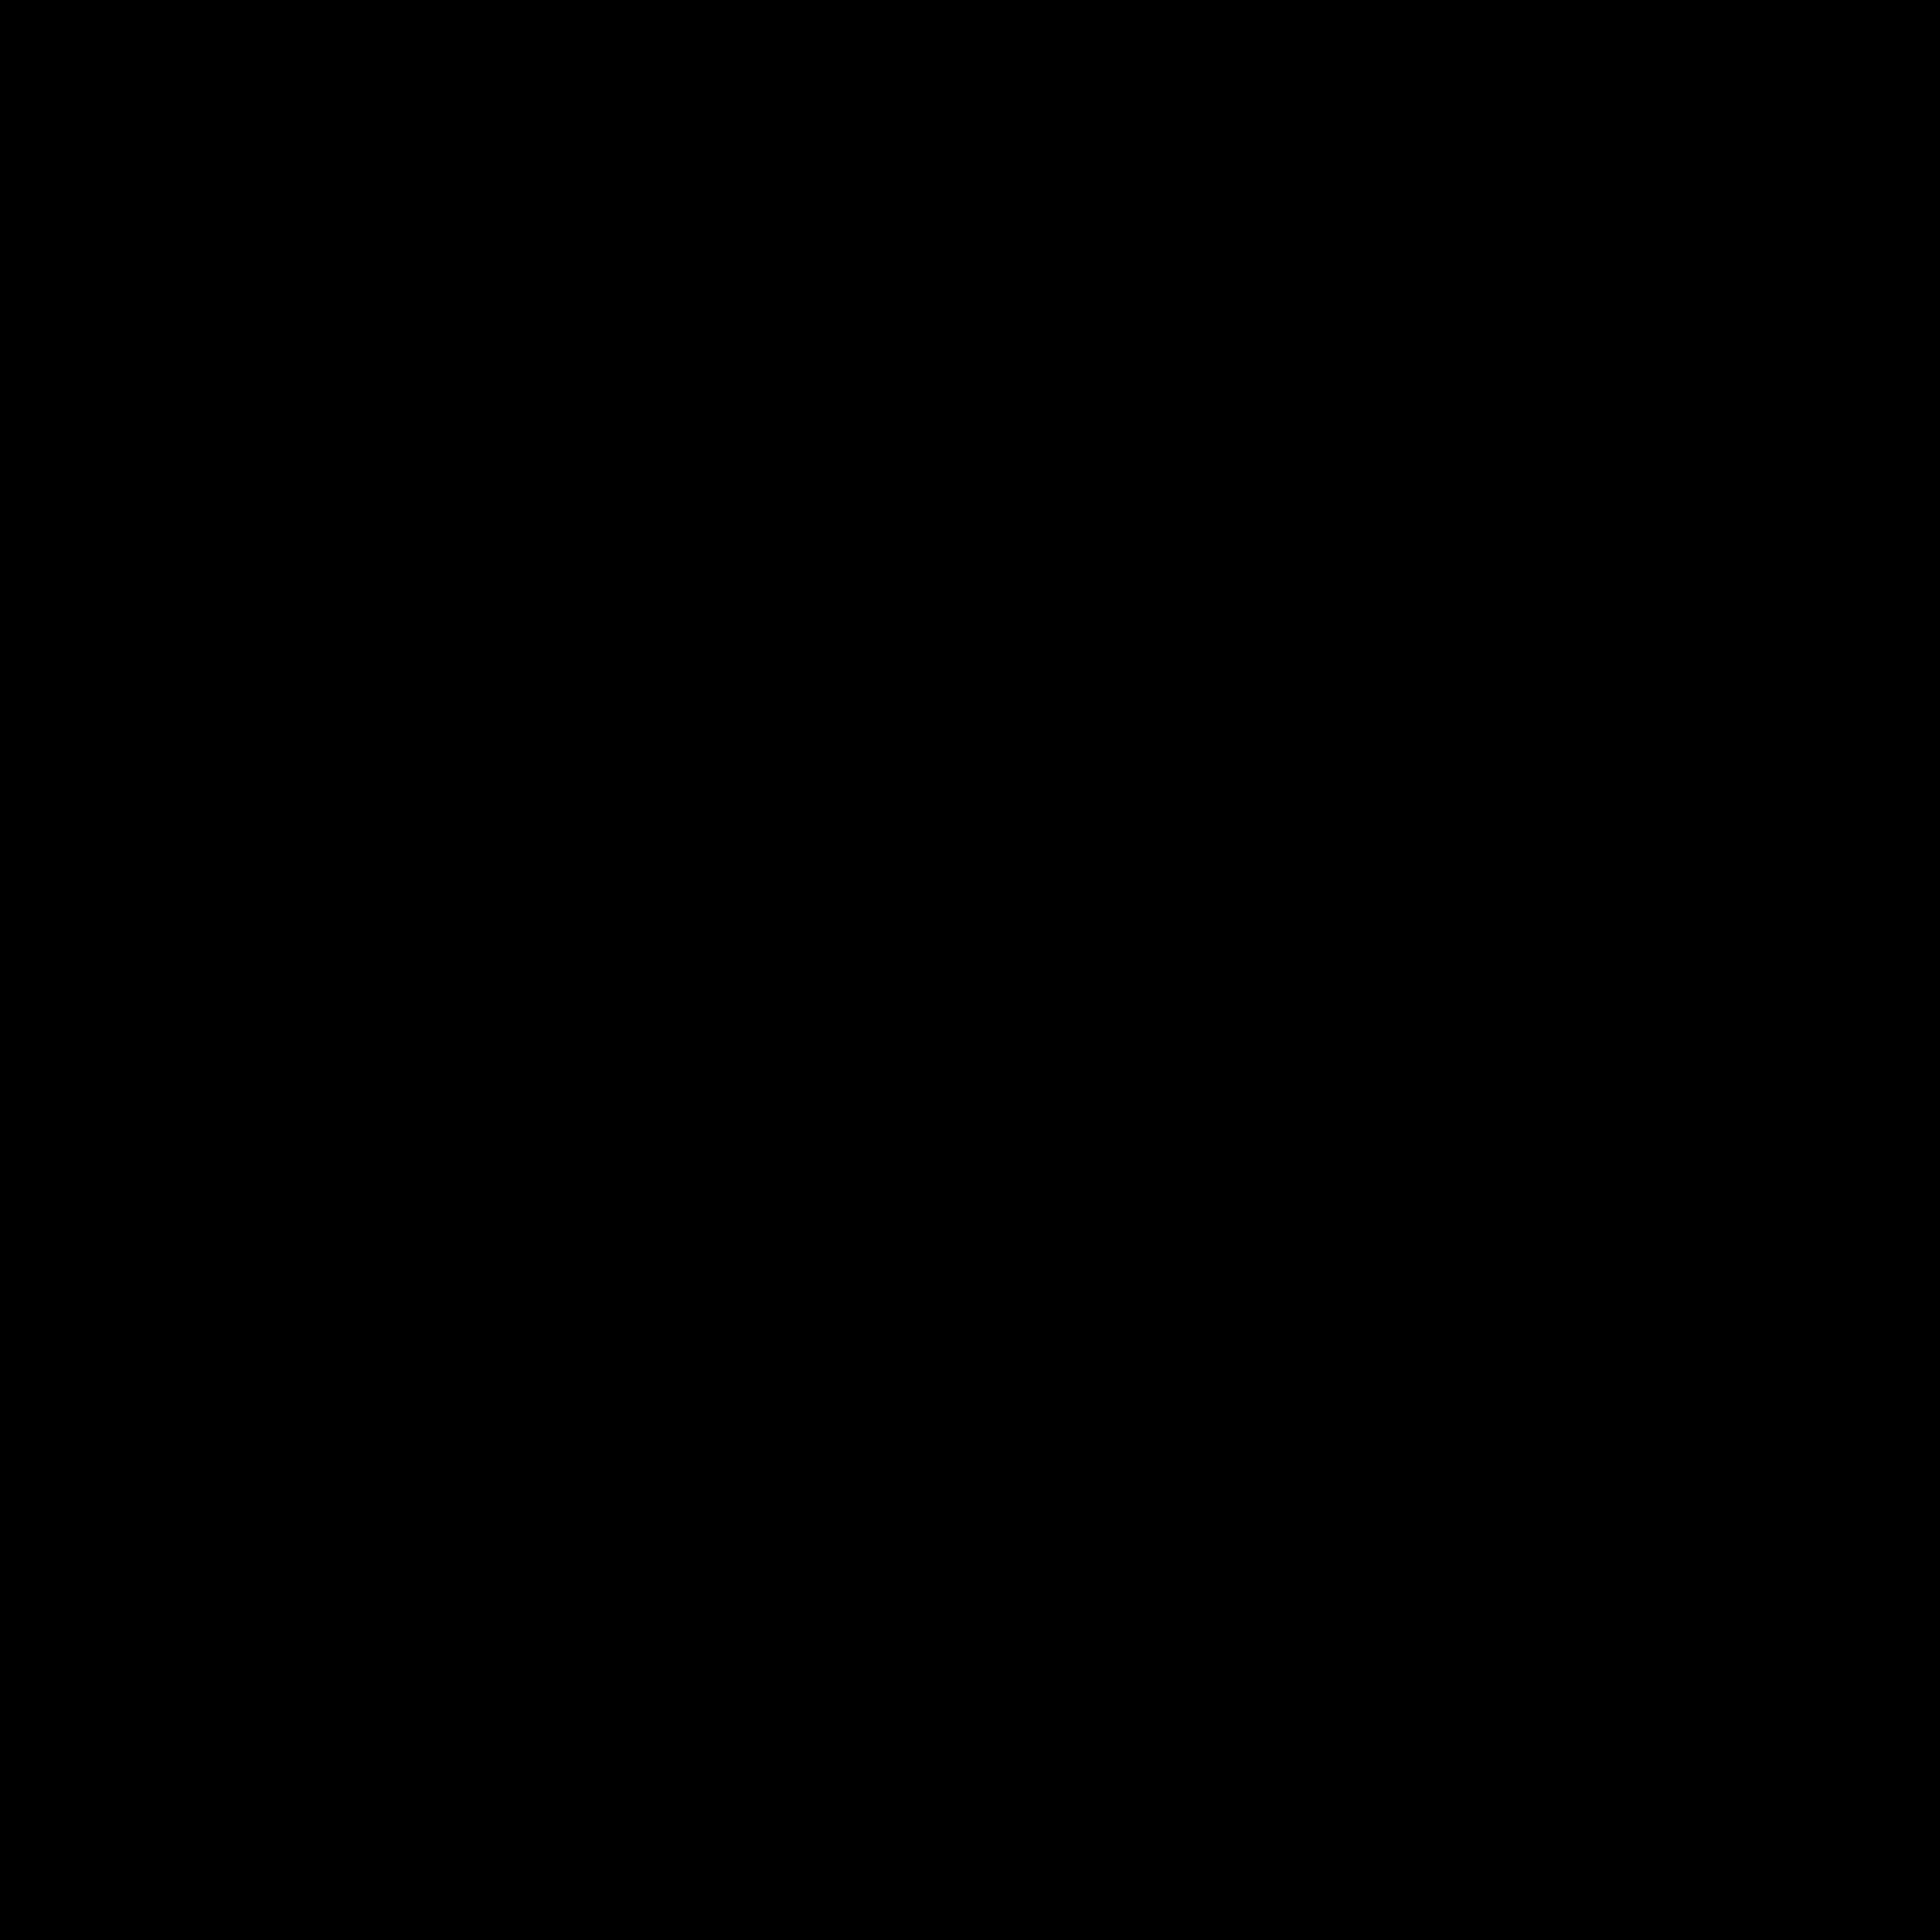 calphalon-logo-png-transparent.png